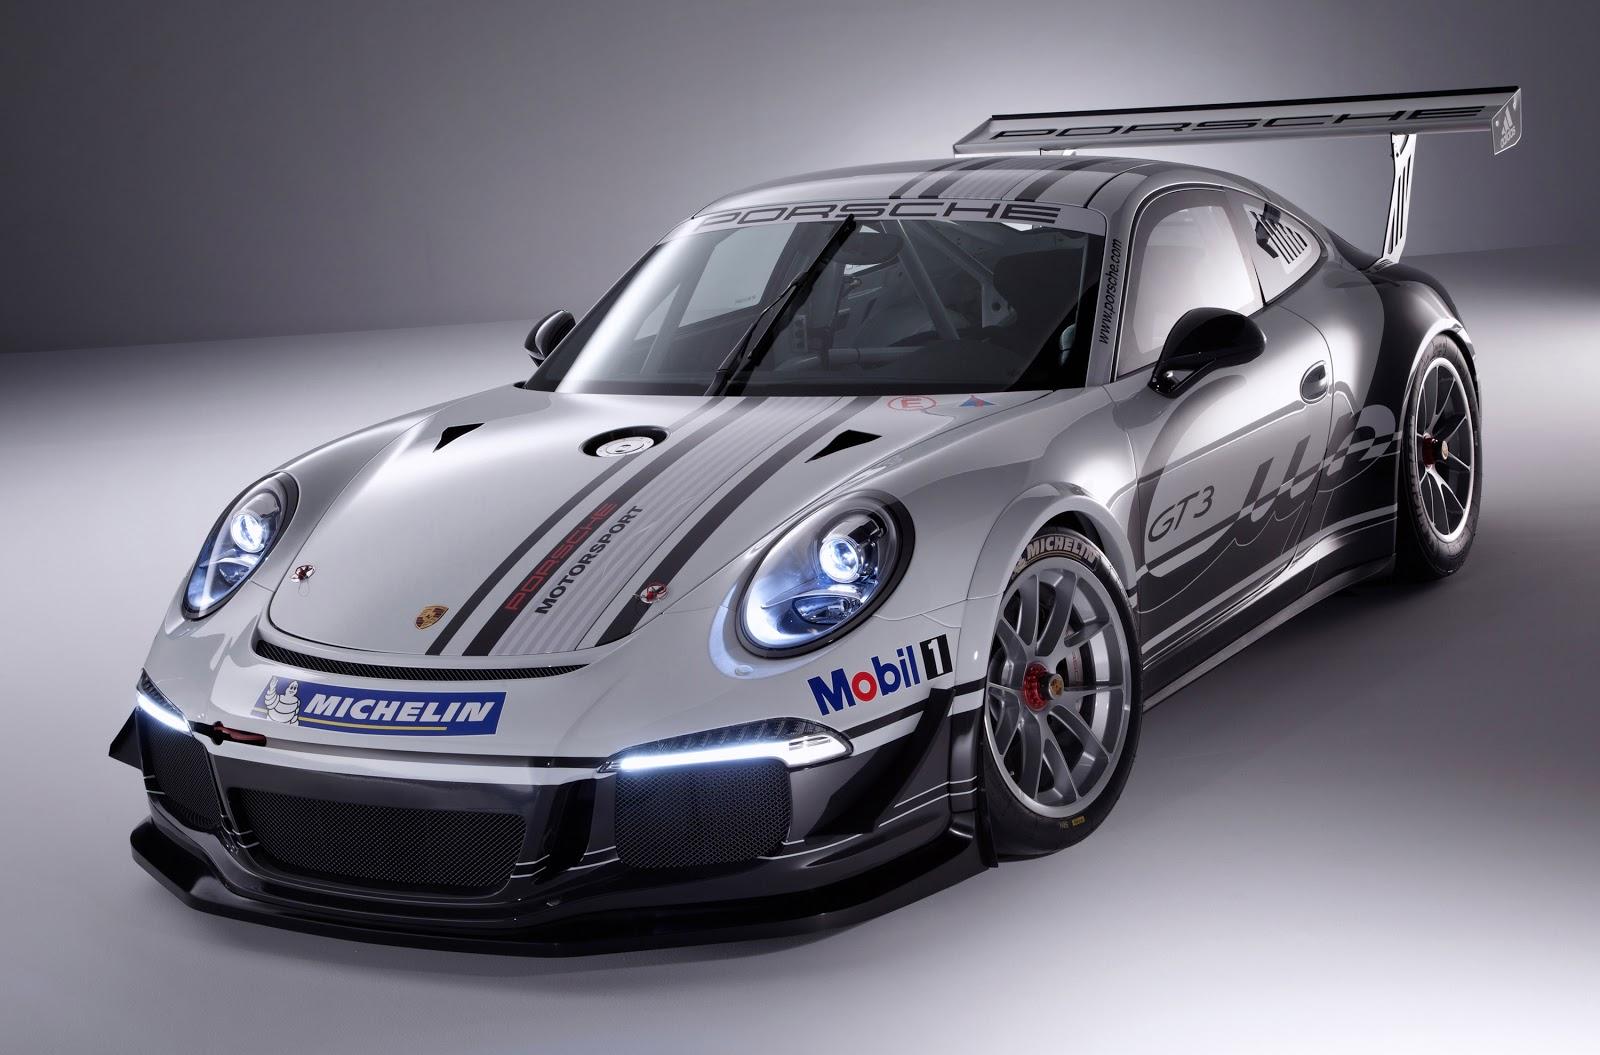 2013 Porsche 911 Gt3 Cup Race Car Automobile For Life